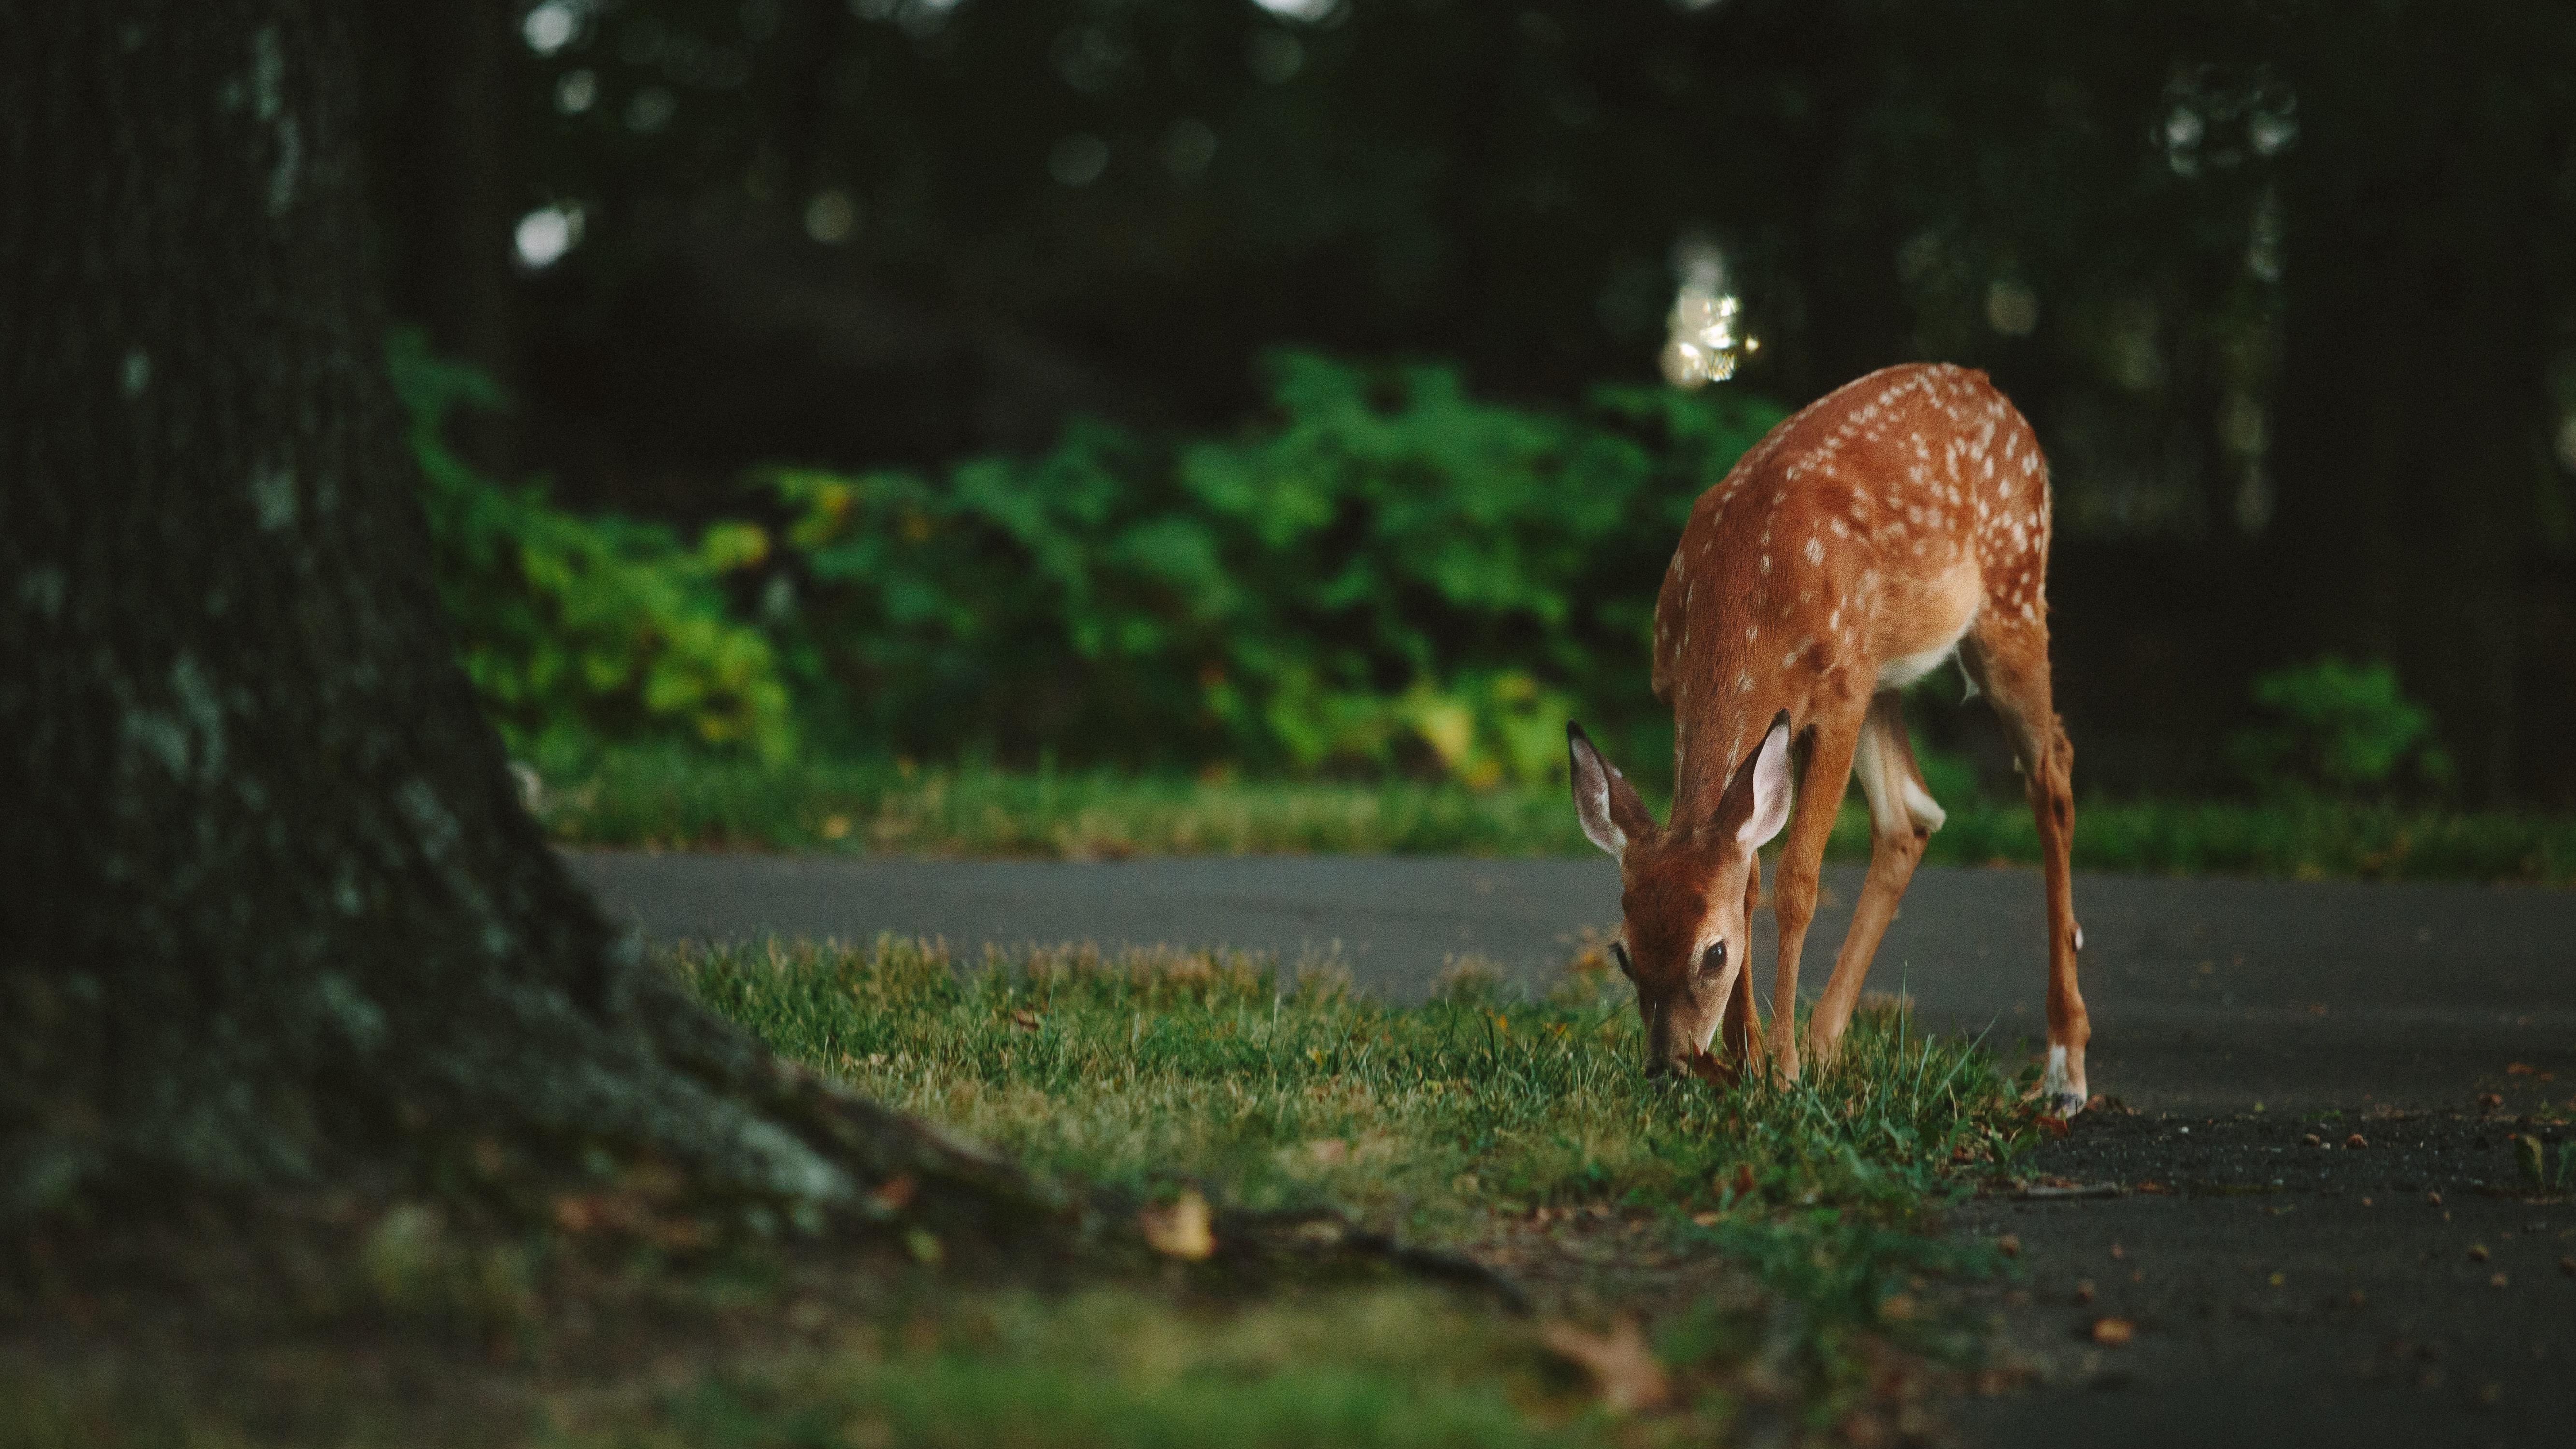 Deer oh Deer!  October Mean Increase in Auto/Deer Accidents